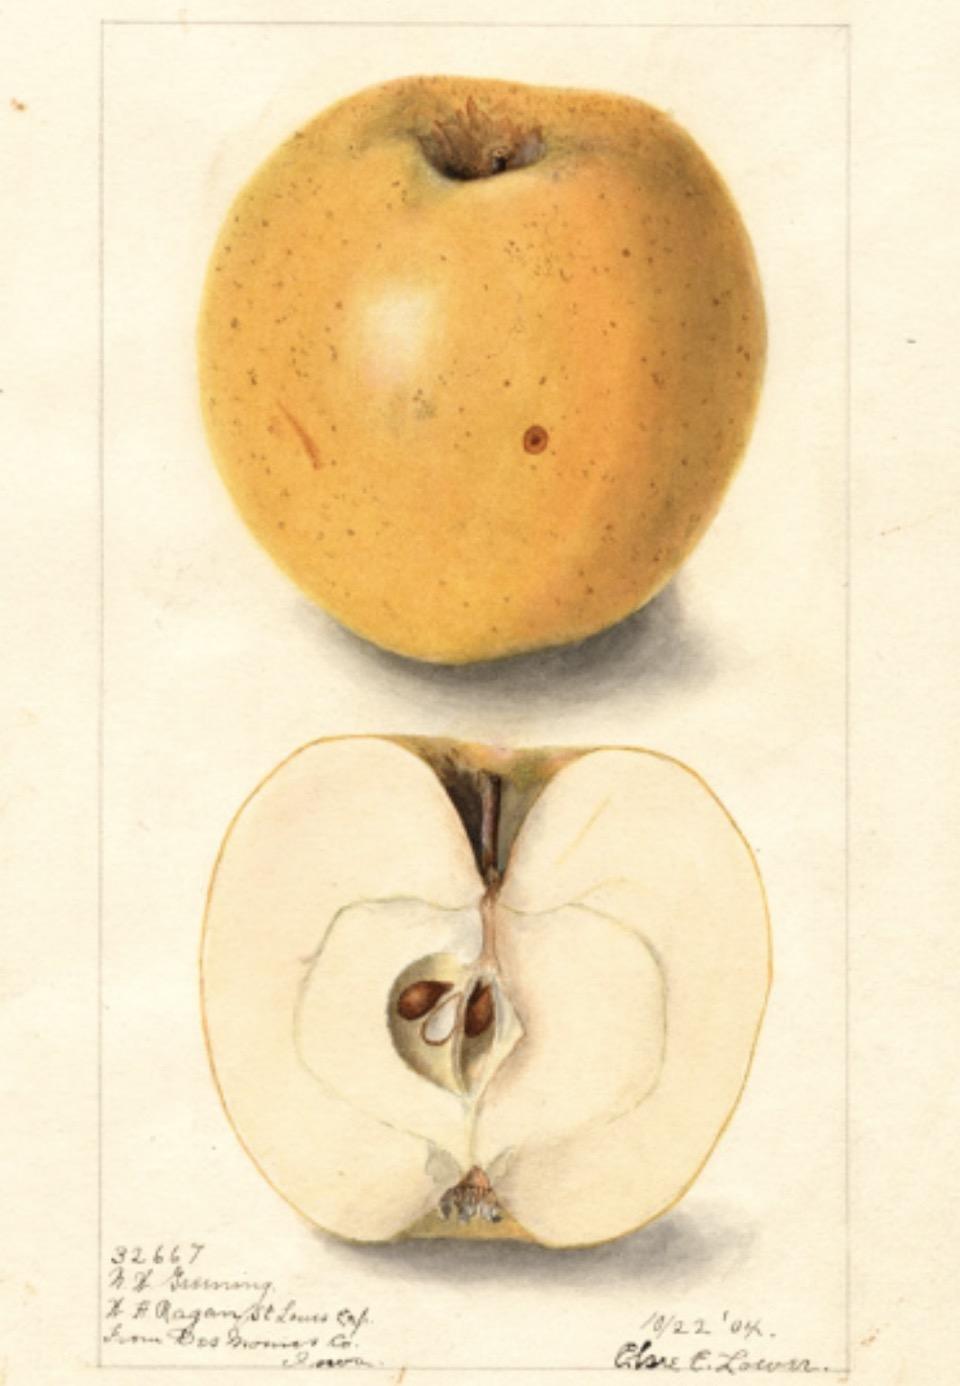 Historische Abbildung eines gelben und eines aufgeschnittenen Apfels; USDA